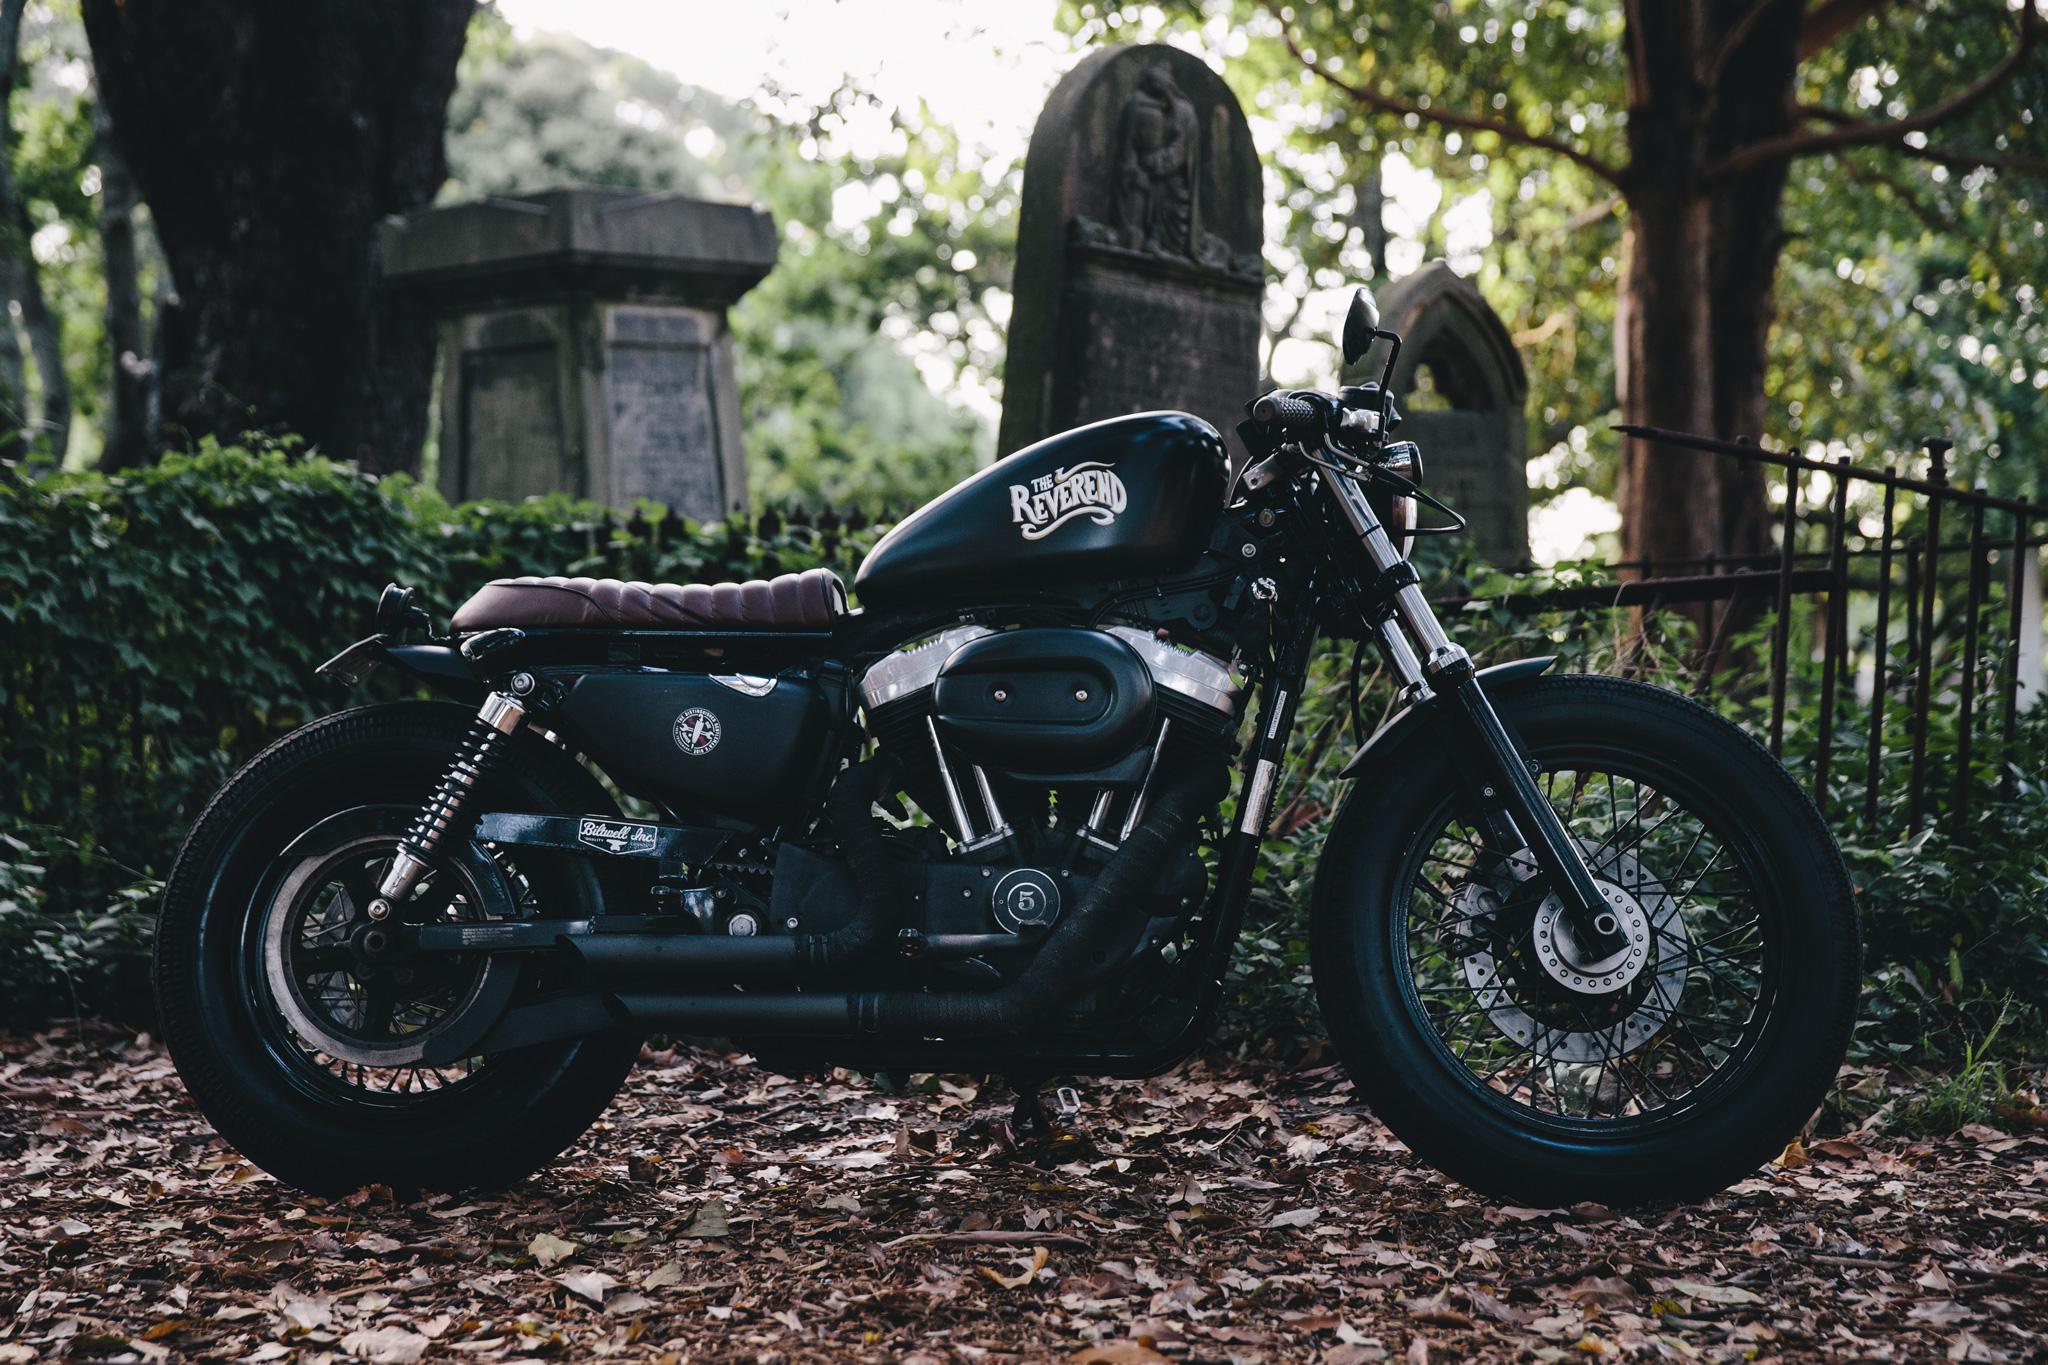 Harley Sportster Cafe Racer 6995 7503 6997